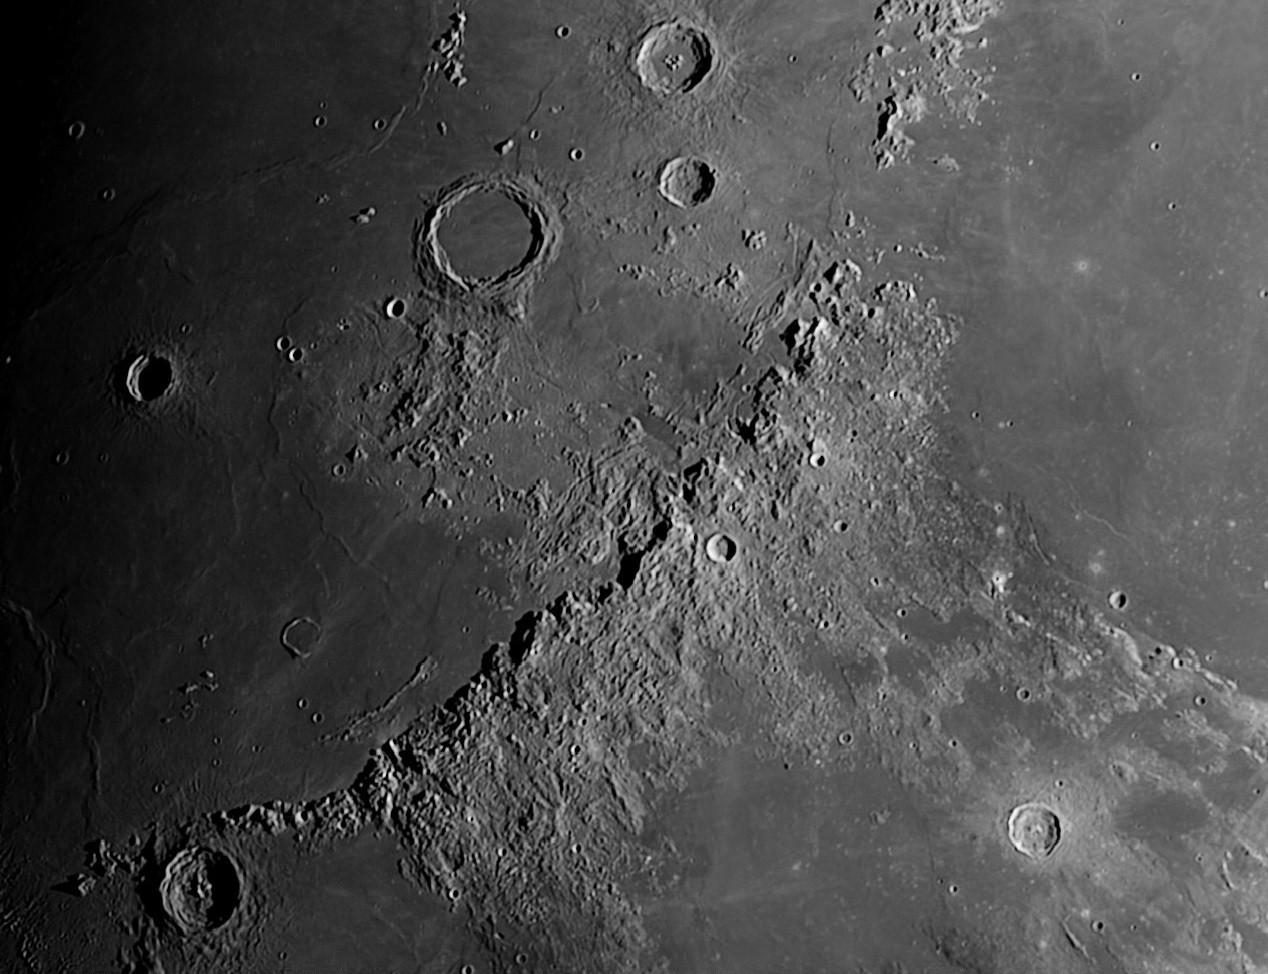 Moon-190039-17-03-2016-Apennine-Mountain-Range-02f18e2